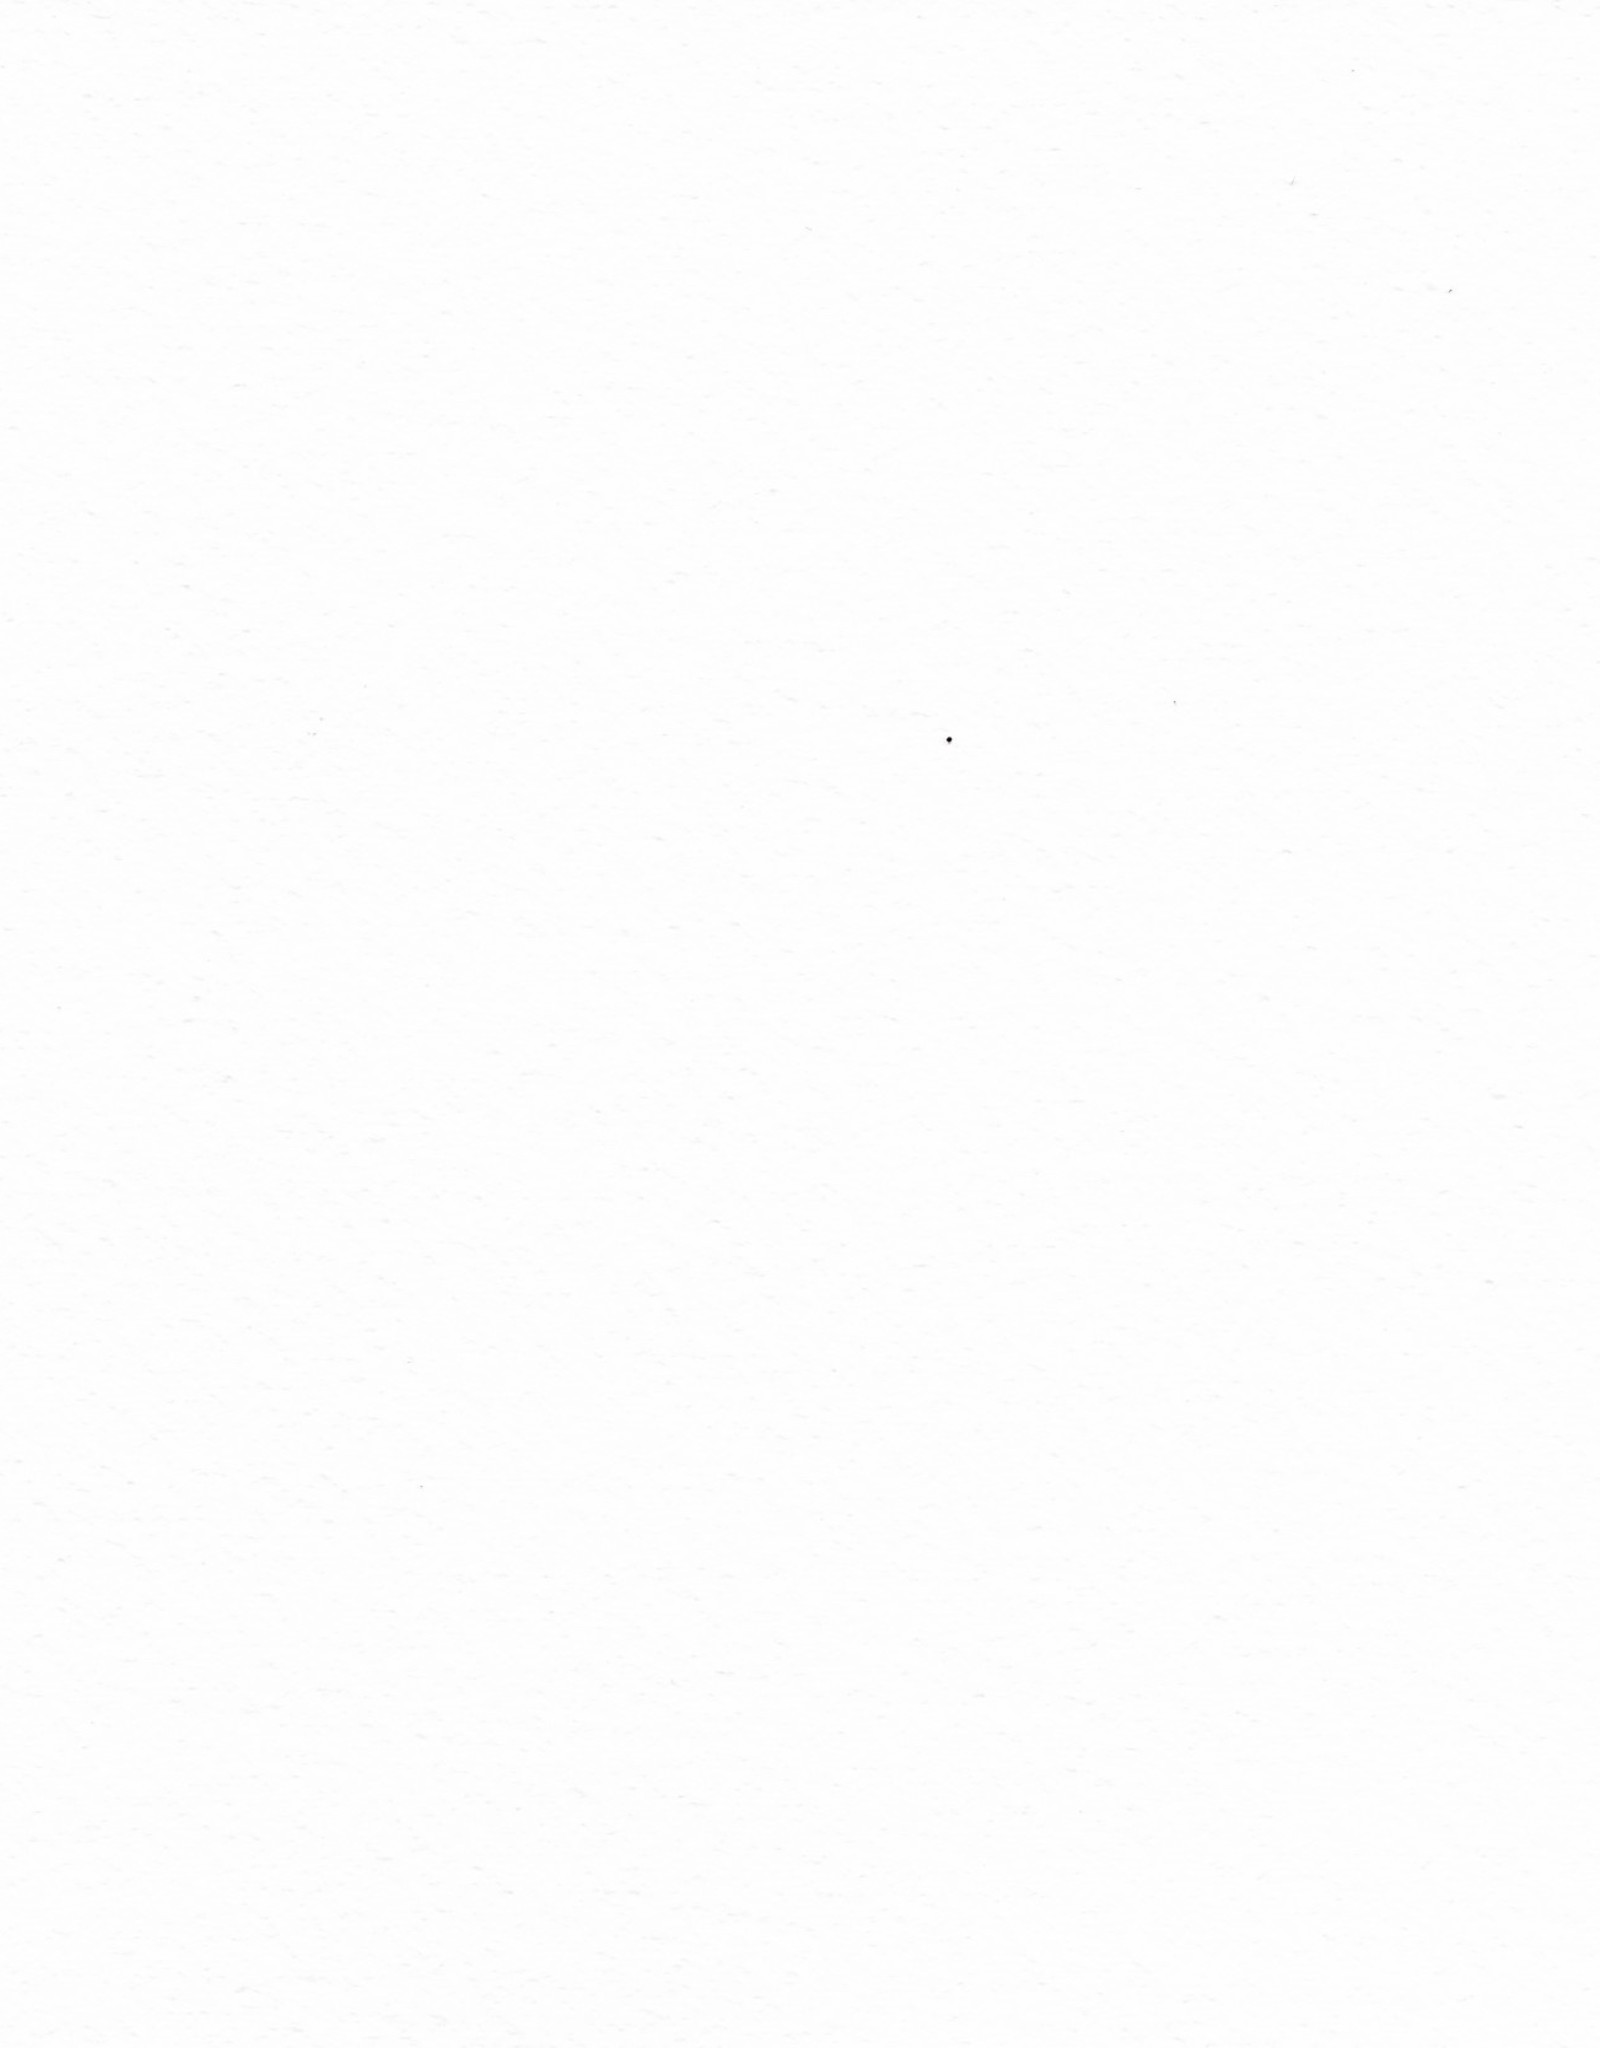 """Fabriano Artistico Watercolor Roll, White, Cold Press, 140 #, 55"""" x 11 yards"""